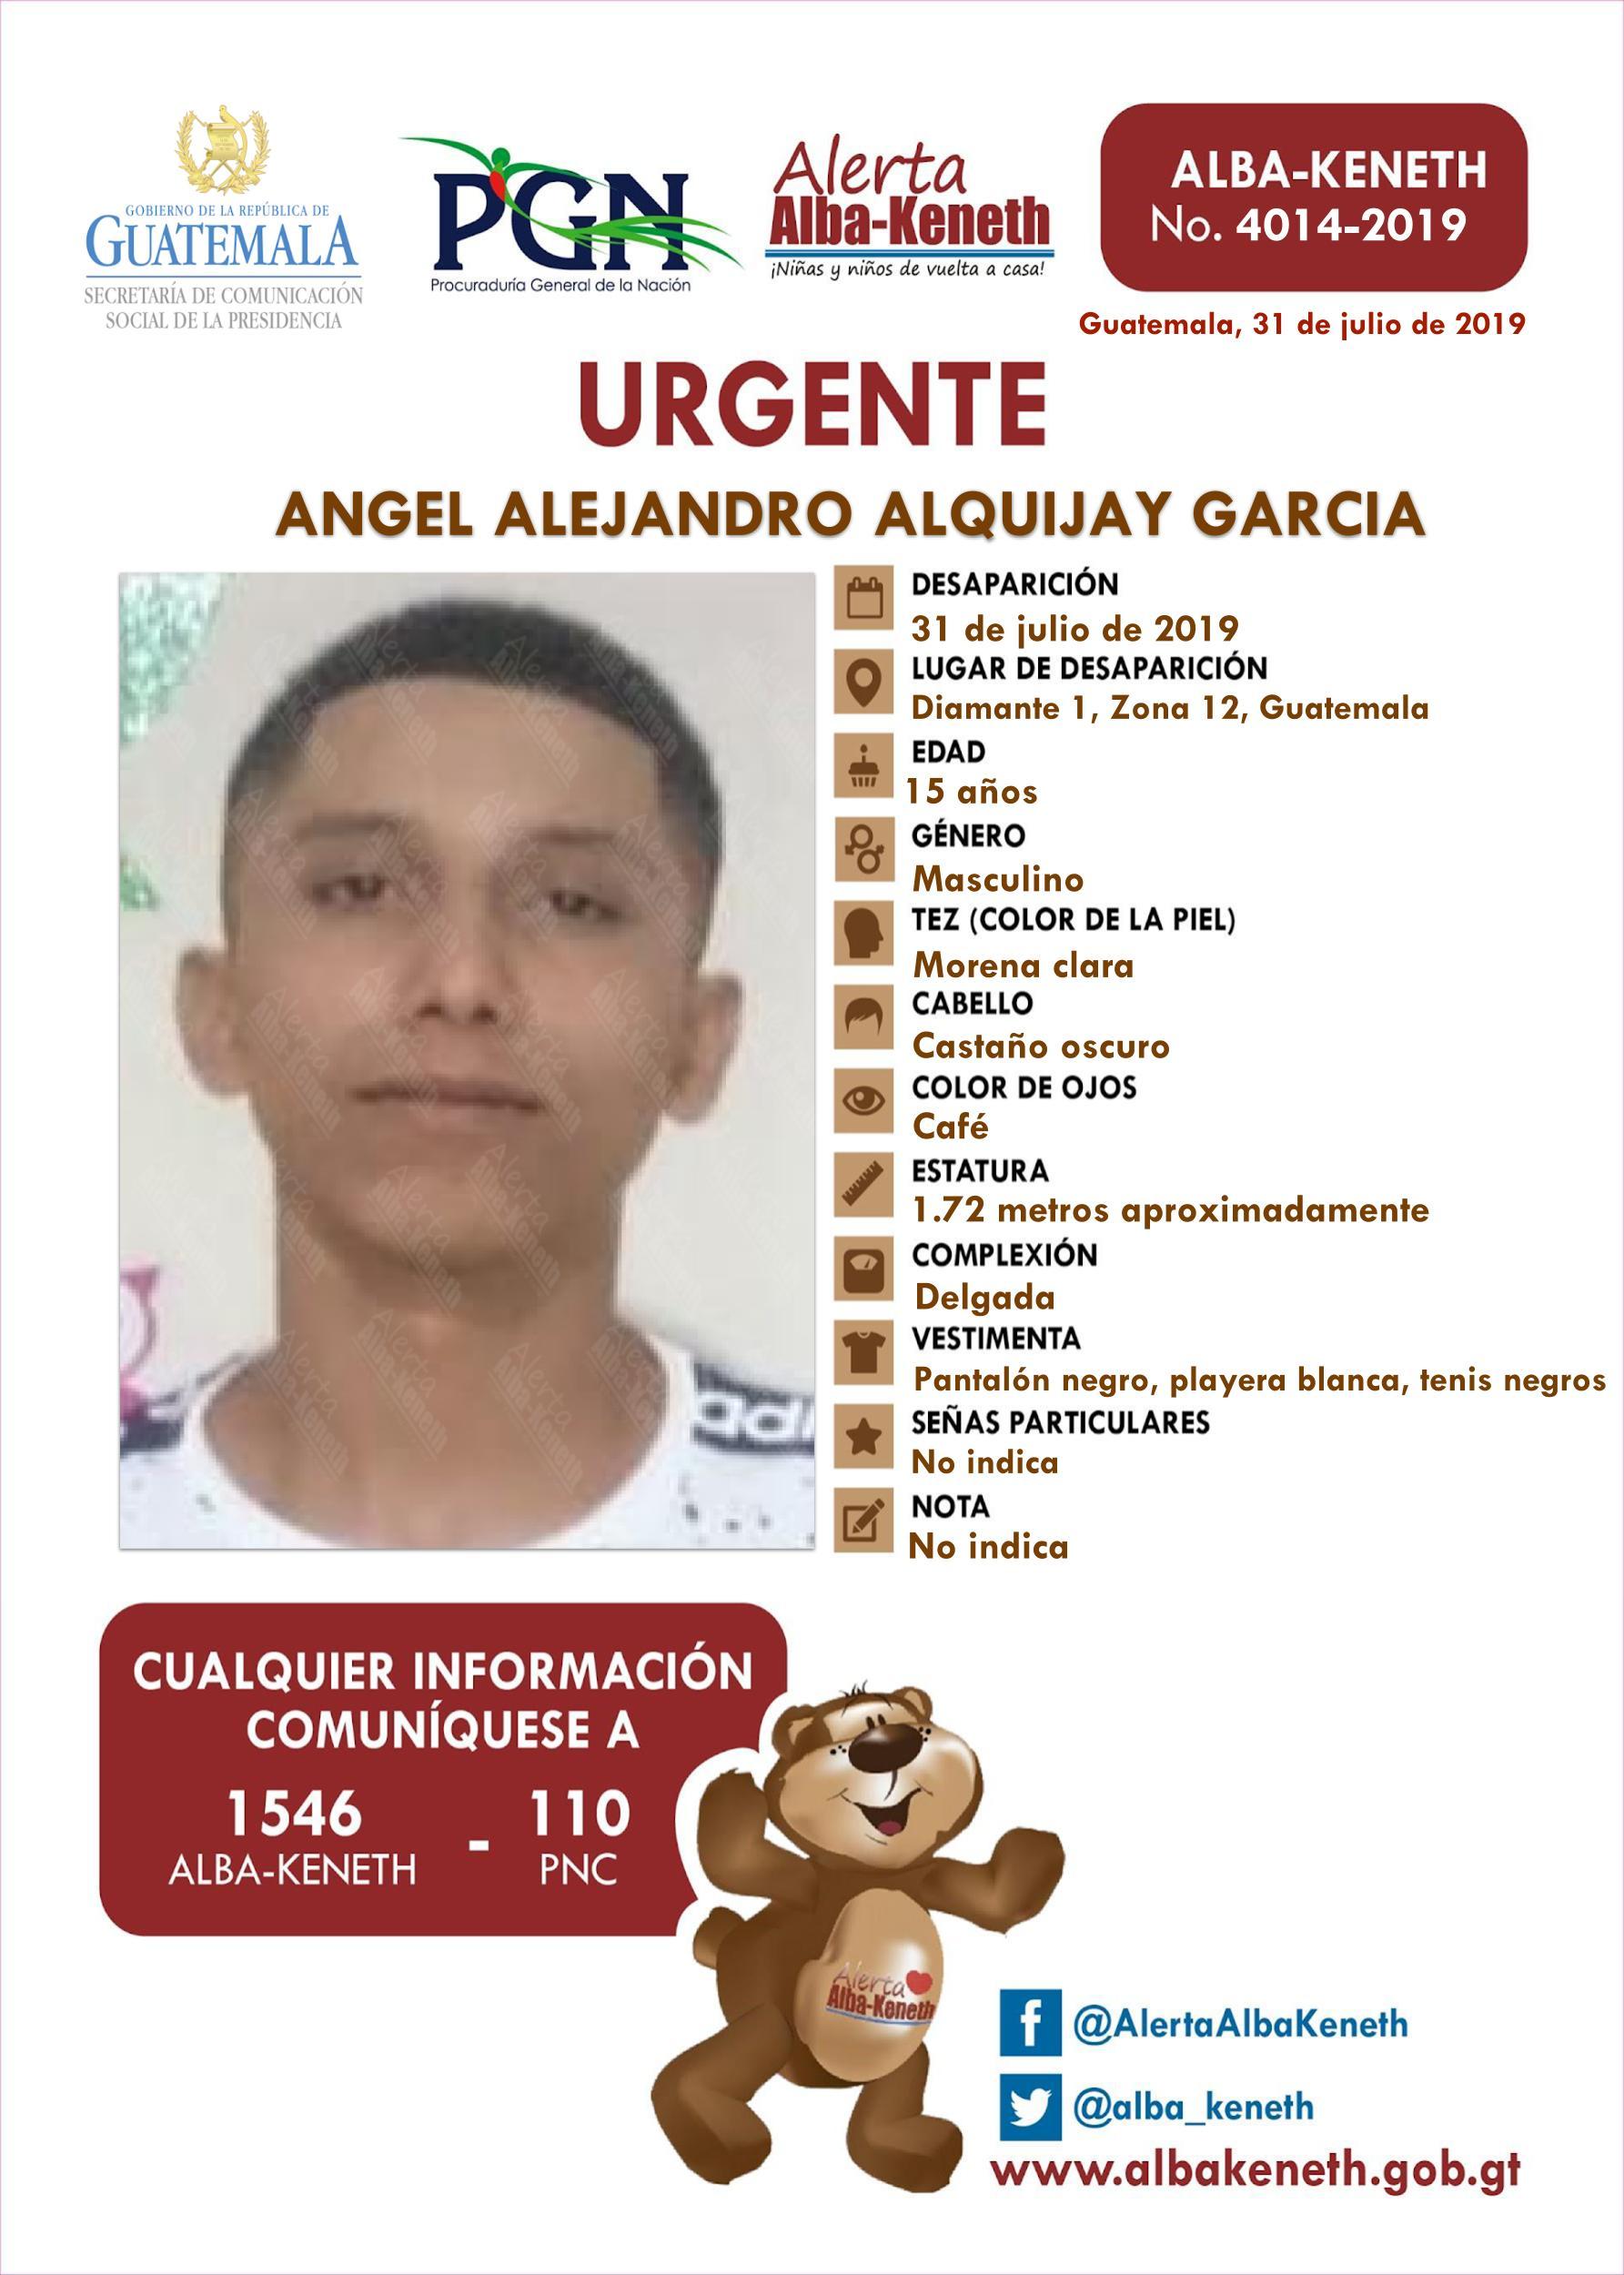 Angel Alejandro Alguijay Garcia